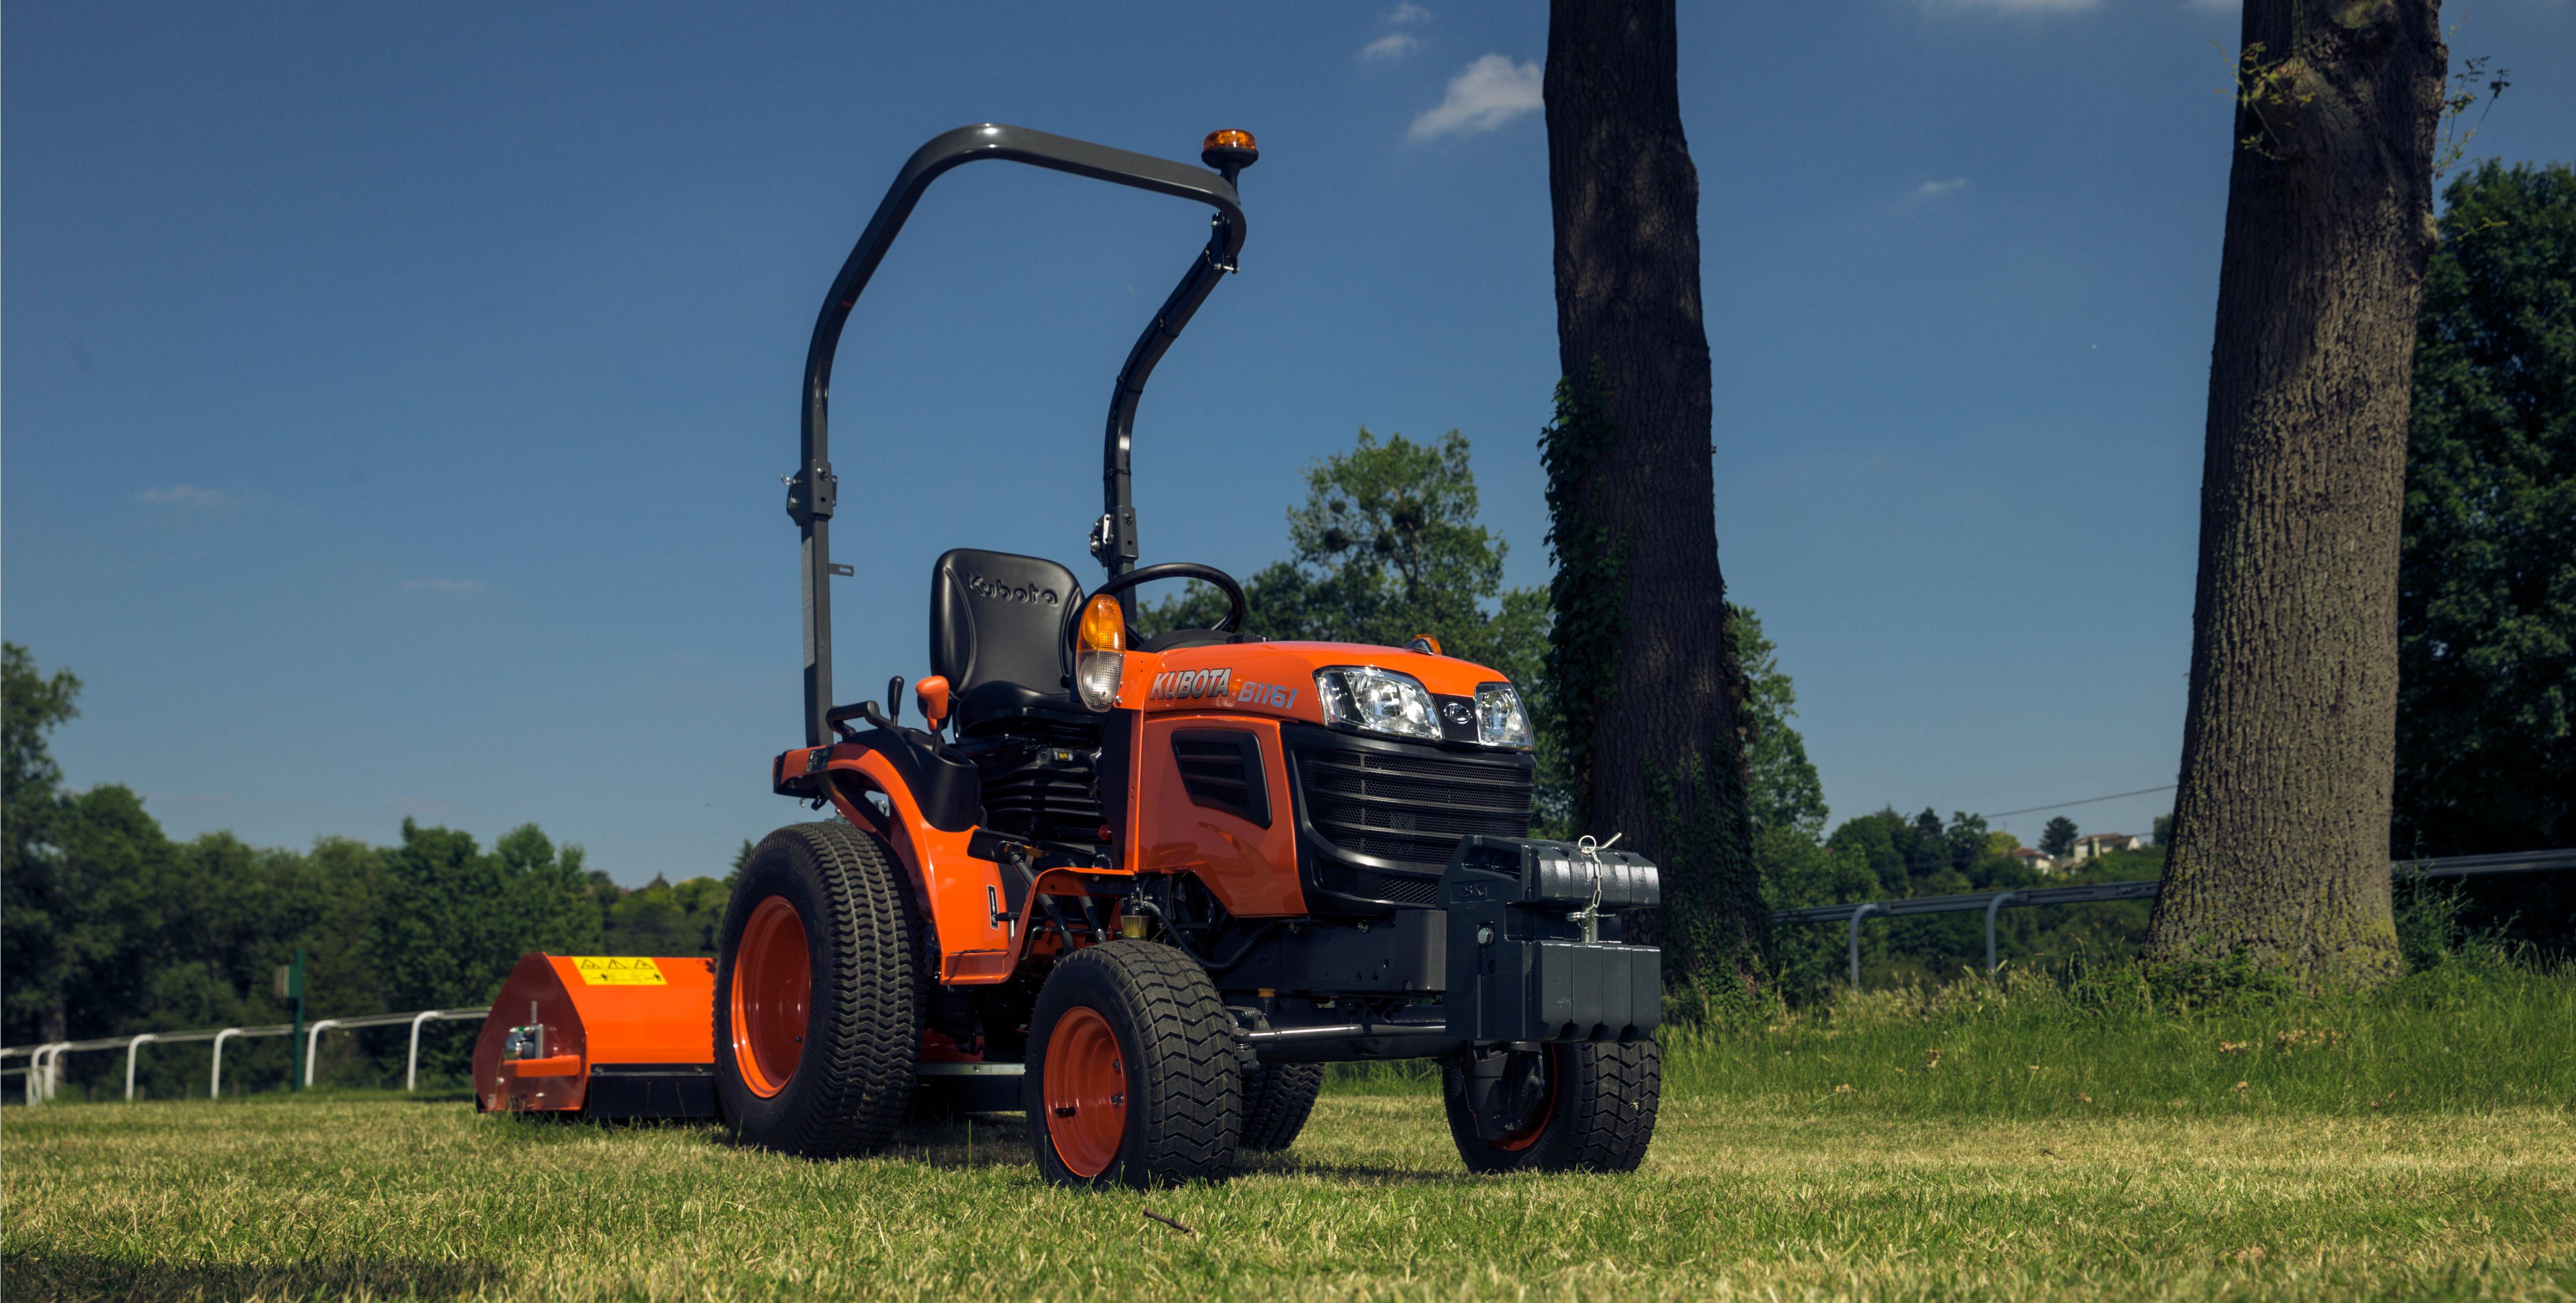 Tractors B1161 - KUBOTA